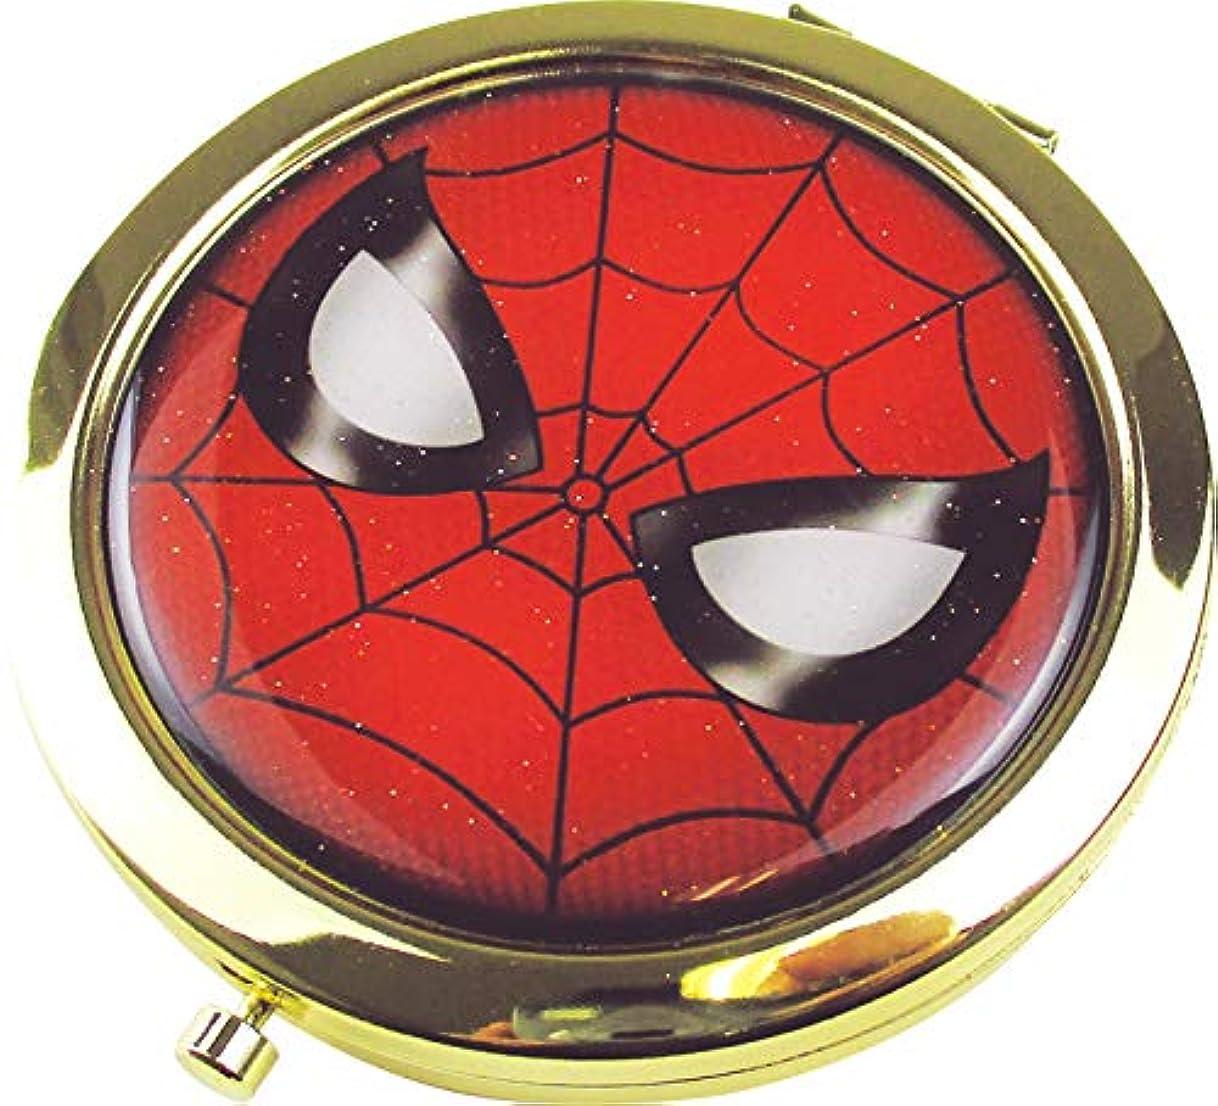 避けるインキュバス酸化物ティーズファクトリー Wコンパクトミラー マーベル スパイダーマン 6.6×6.6×0.8cm MV-5537088SM